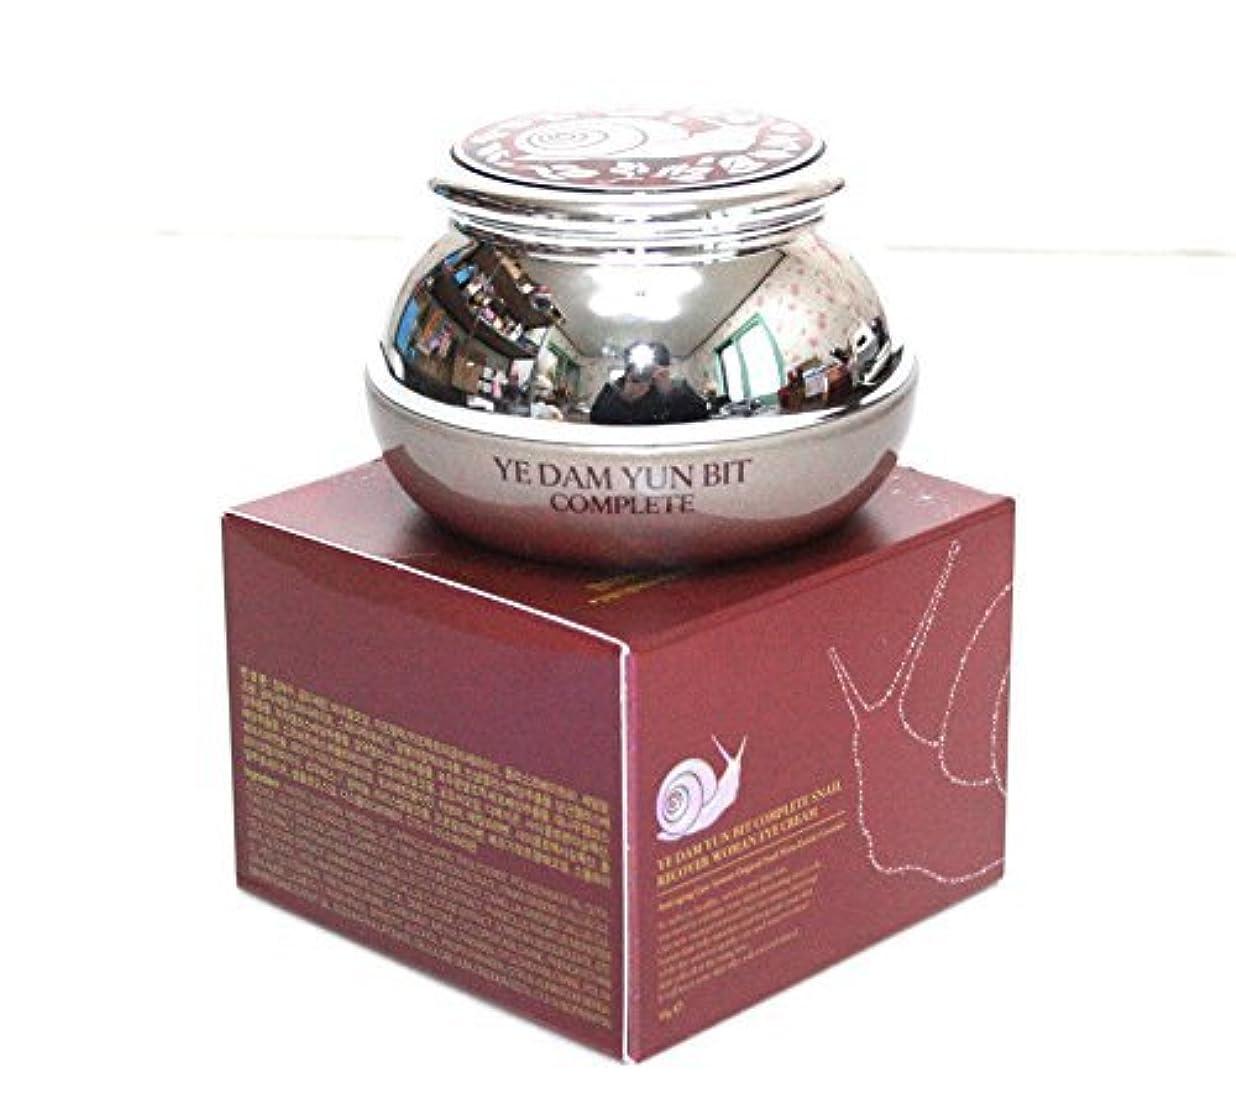 大宇宙平行実用的[YEDAM YUN BIT] スキンが完成カタツムリ回復女性のアイクリーム50ml/韓国の化粧品/COMPLETE Skin Snail Recover Woman Eye Cream 50ml/Korean cosmetics...